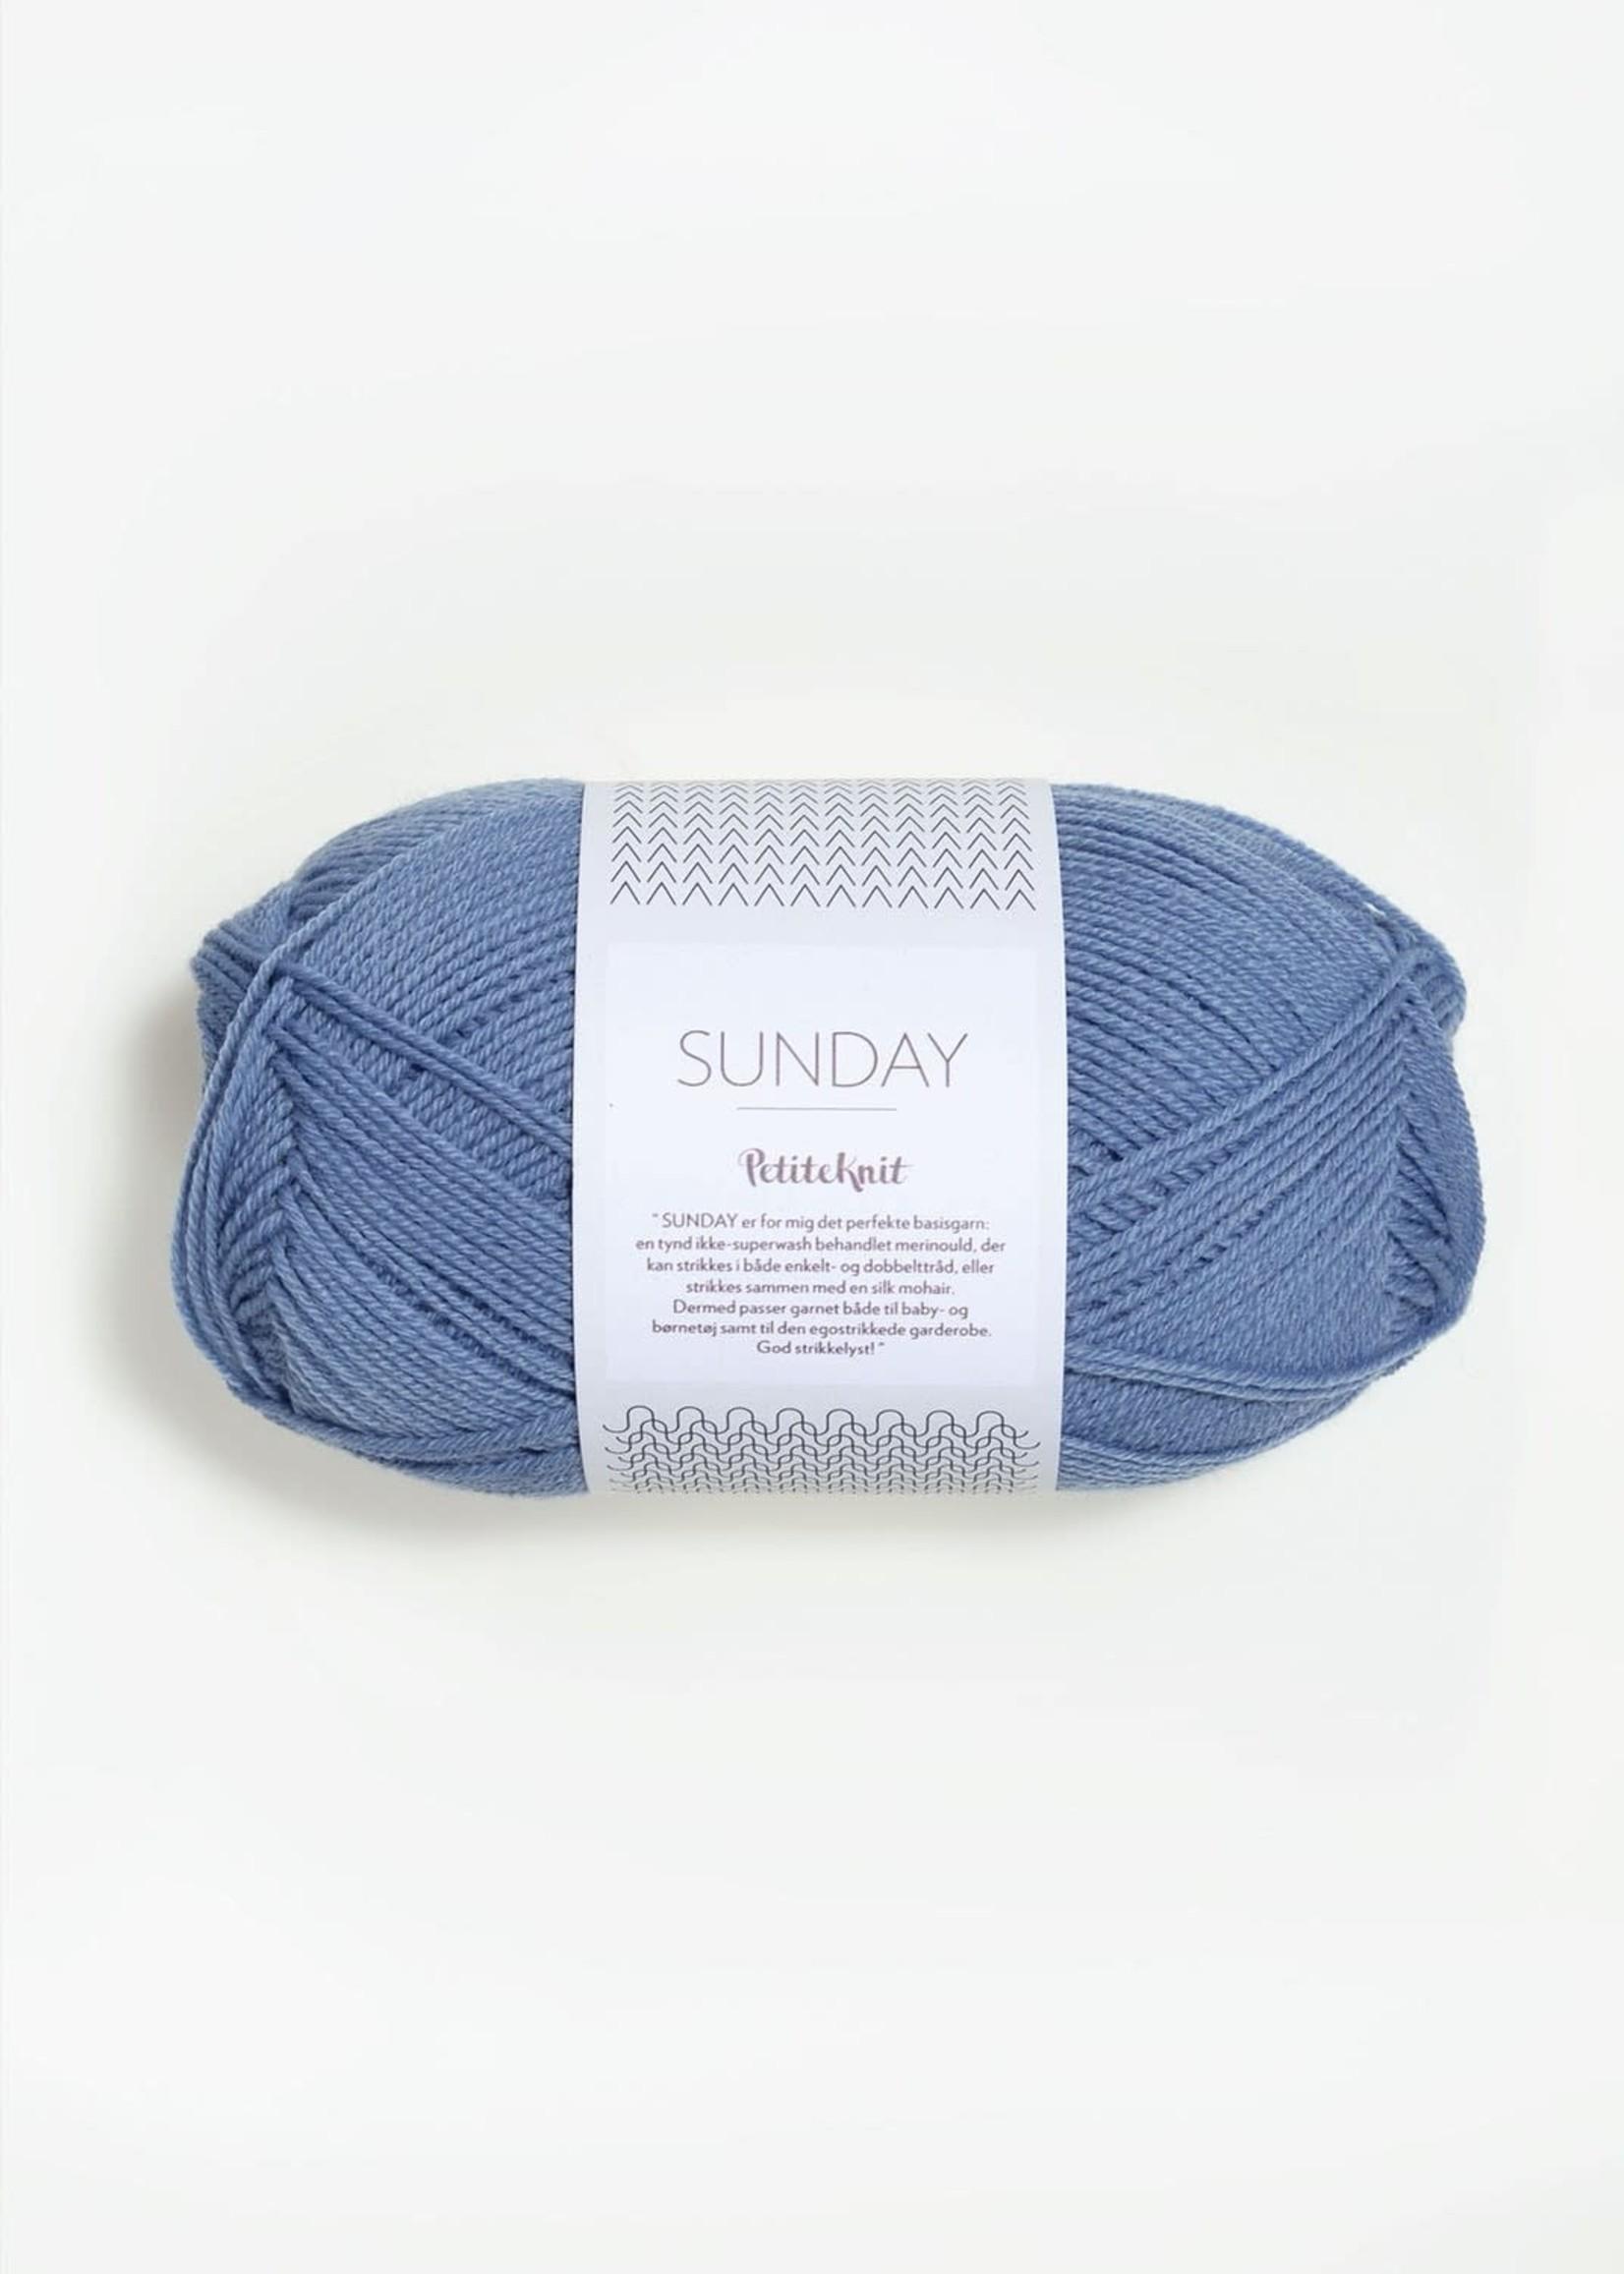 Sandnes Garn Sunday - #6043 Baby Blue Eyes